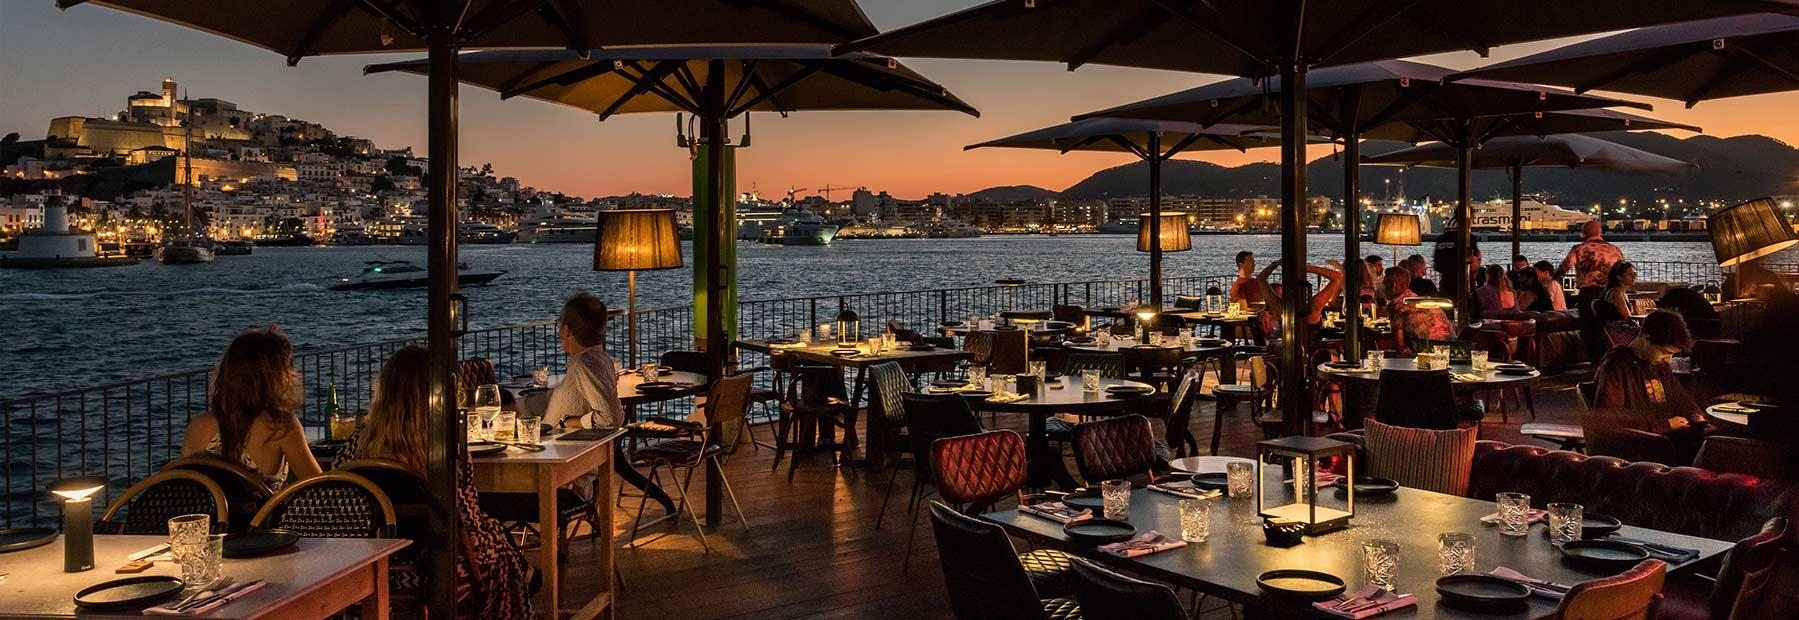 Décoration restaurant Ibiza.